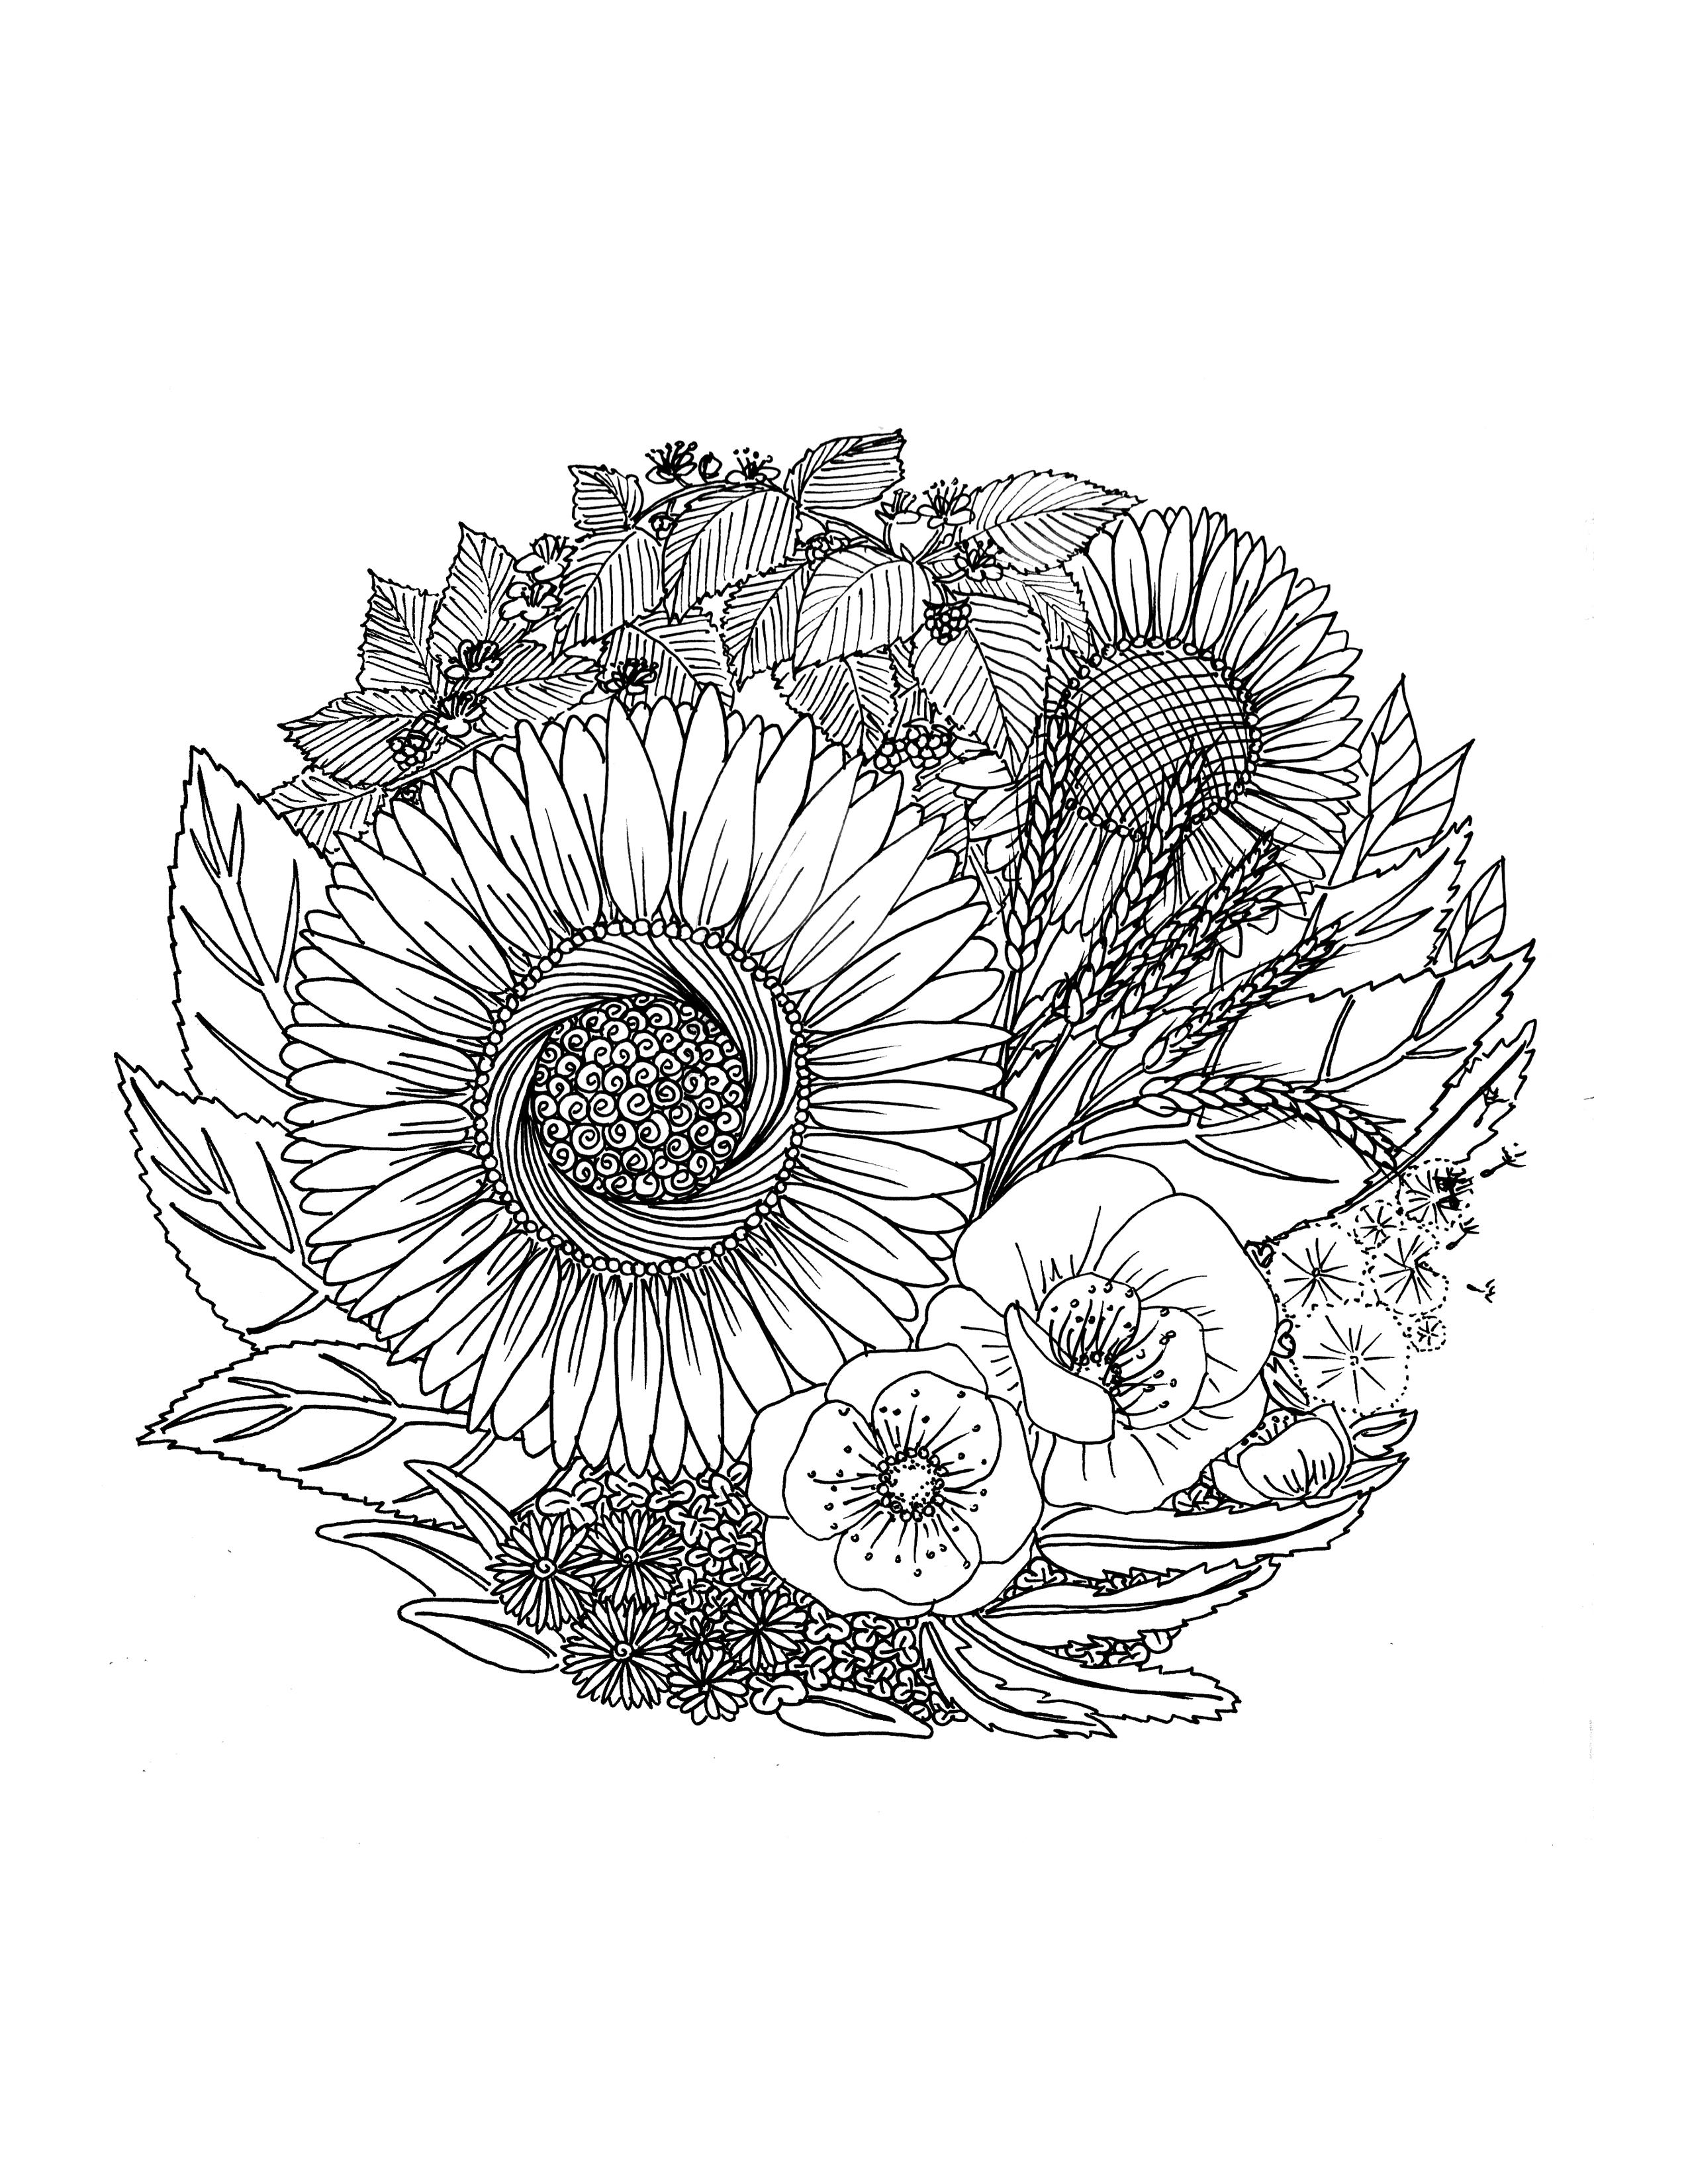 Coloriage gratuit  imprimer fleurs par Chocobo